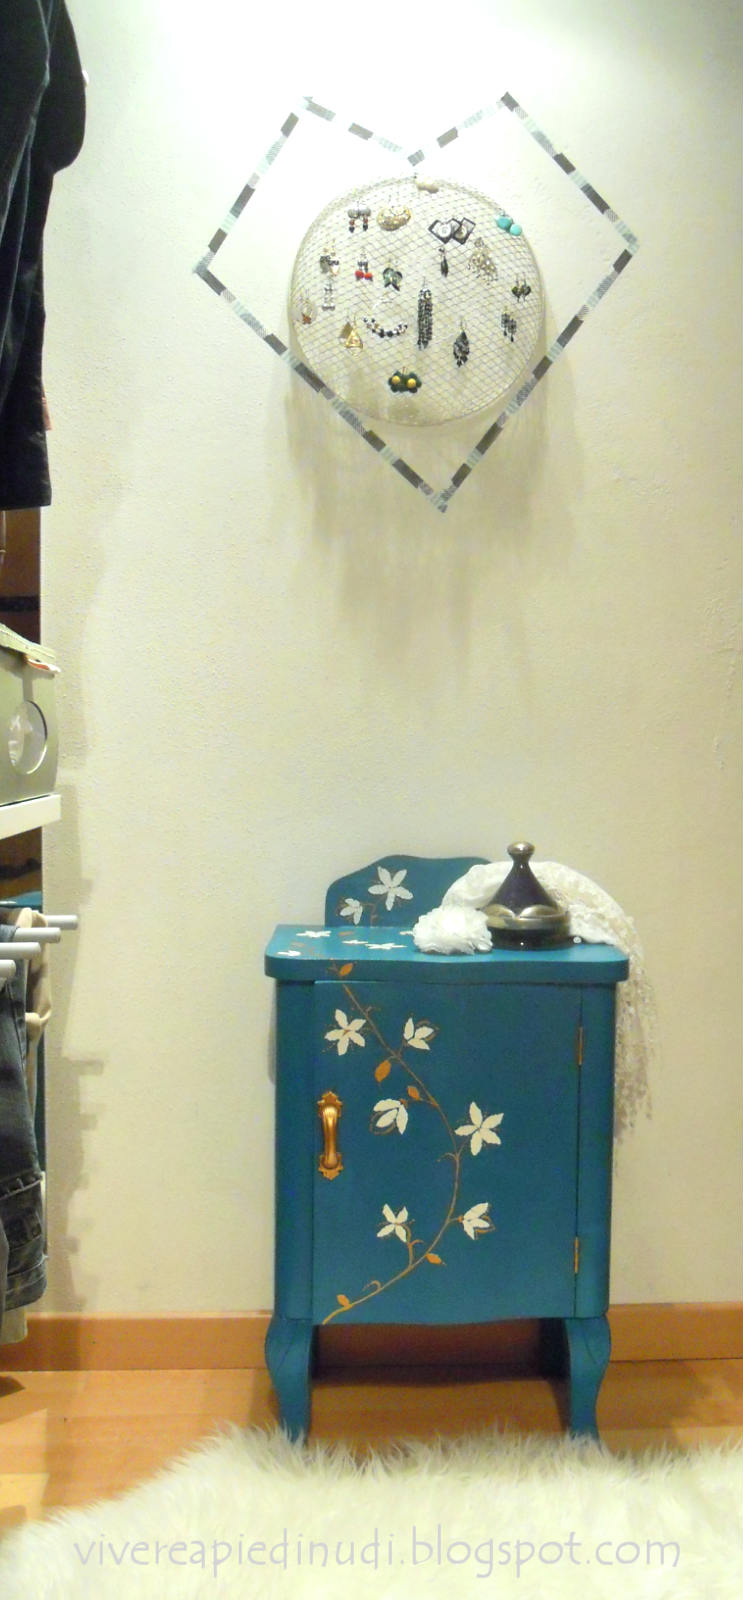 Idee Per Porta Orecchini vivere a piedi nudi living barefoot: riciclo, riuso